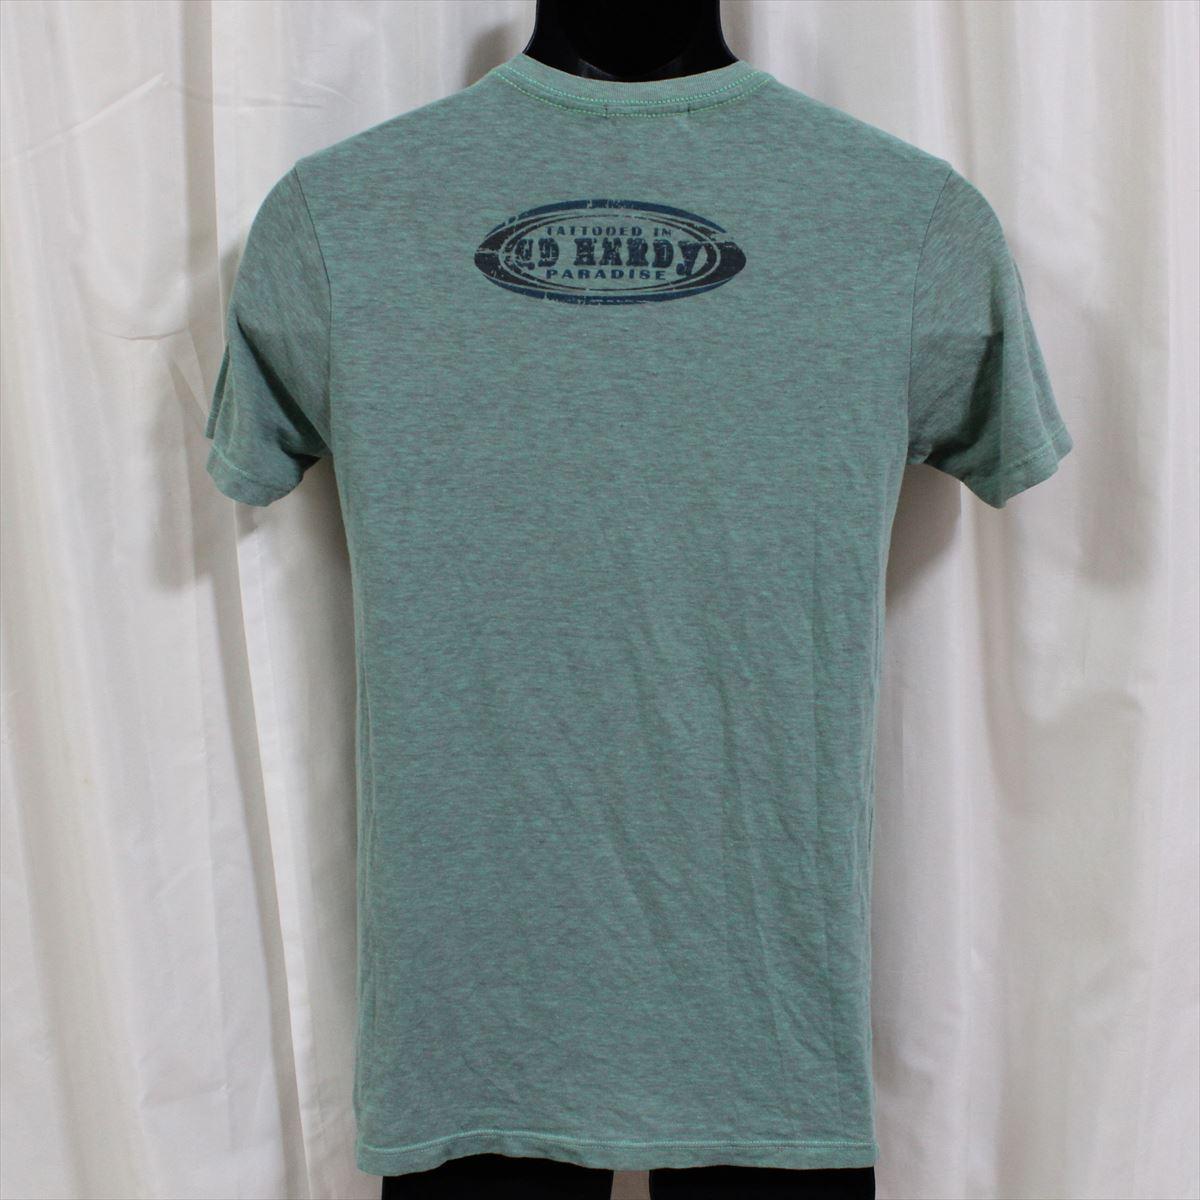 エドハーディー ED HARDY メンズ半袖Tシャツ グリーン Sサイズ 新品_画像3